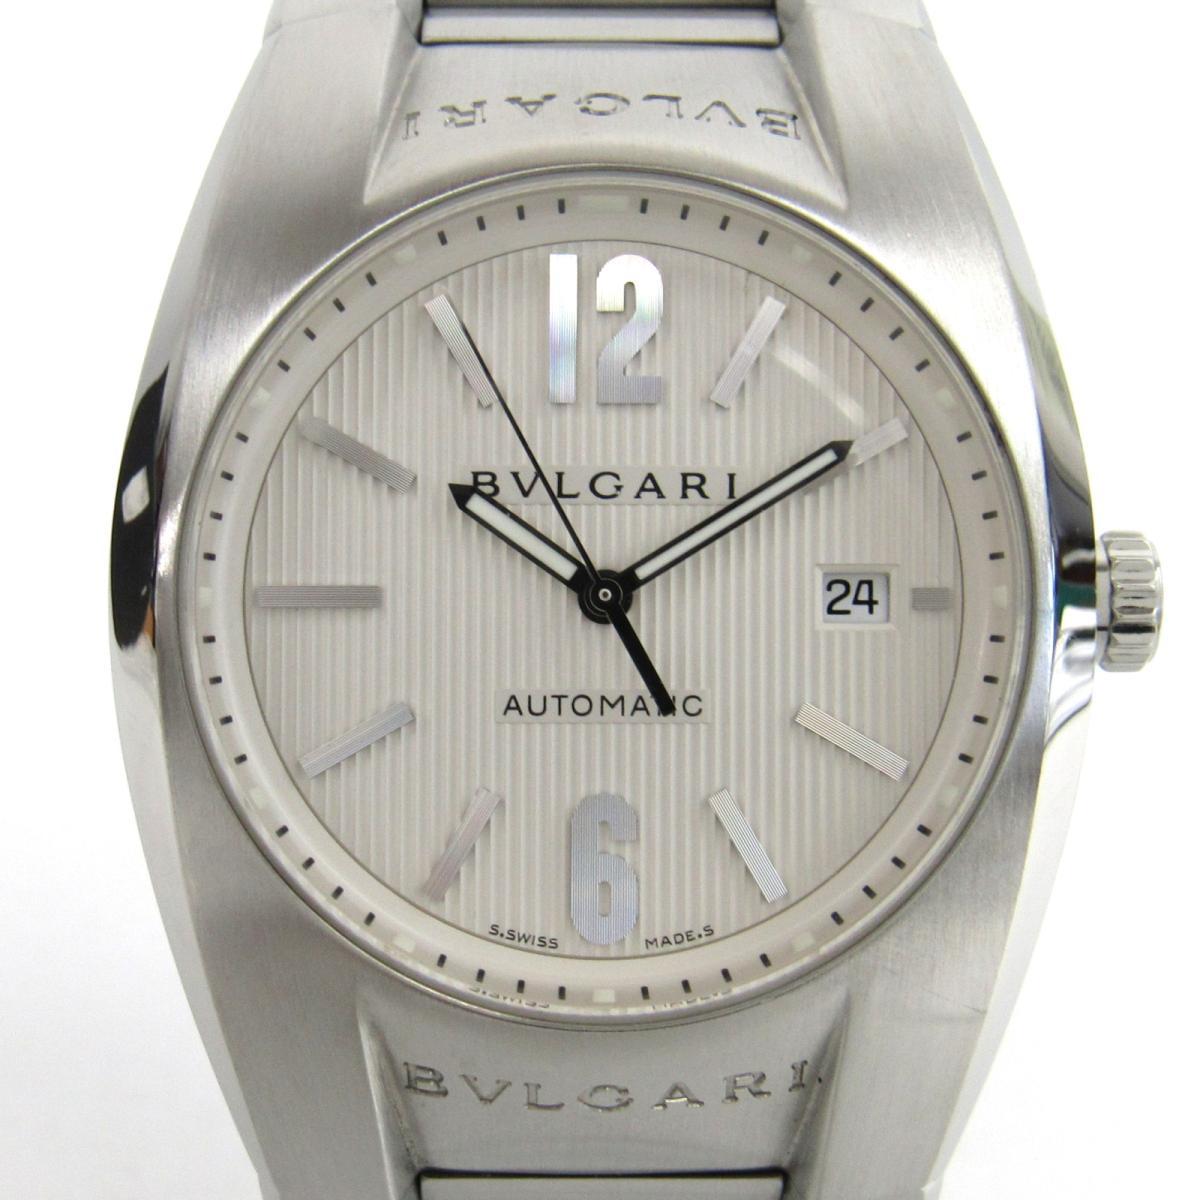 【中古】ブルガリ エルゴン ウォッチ 腕時計 メンズ ステンレススチール(SS) (EG40S)